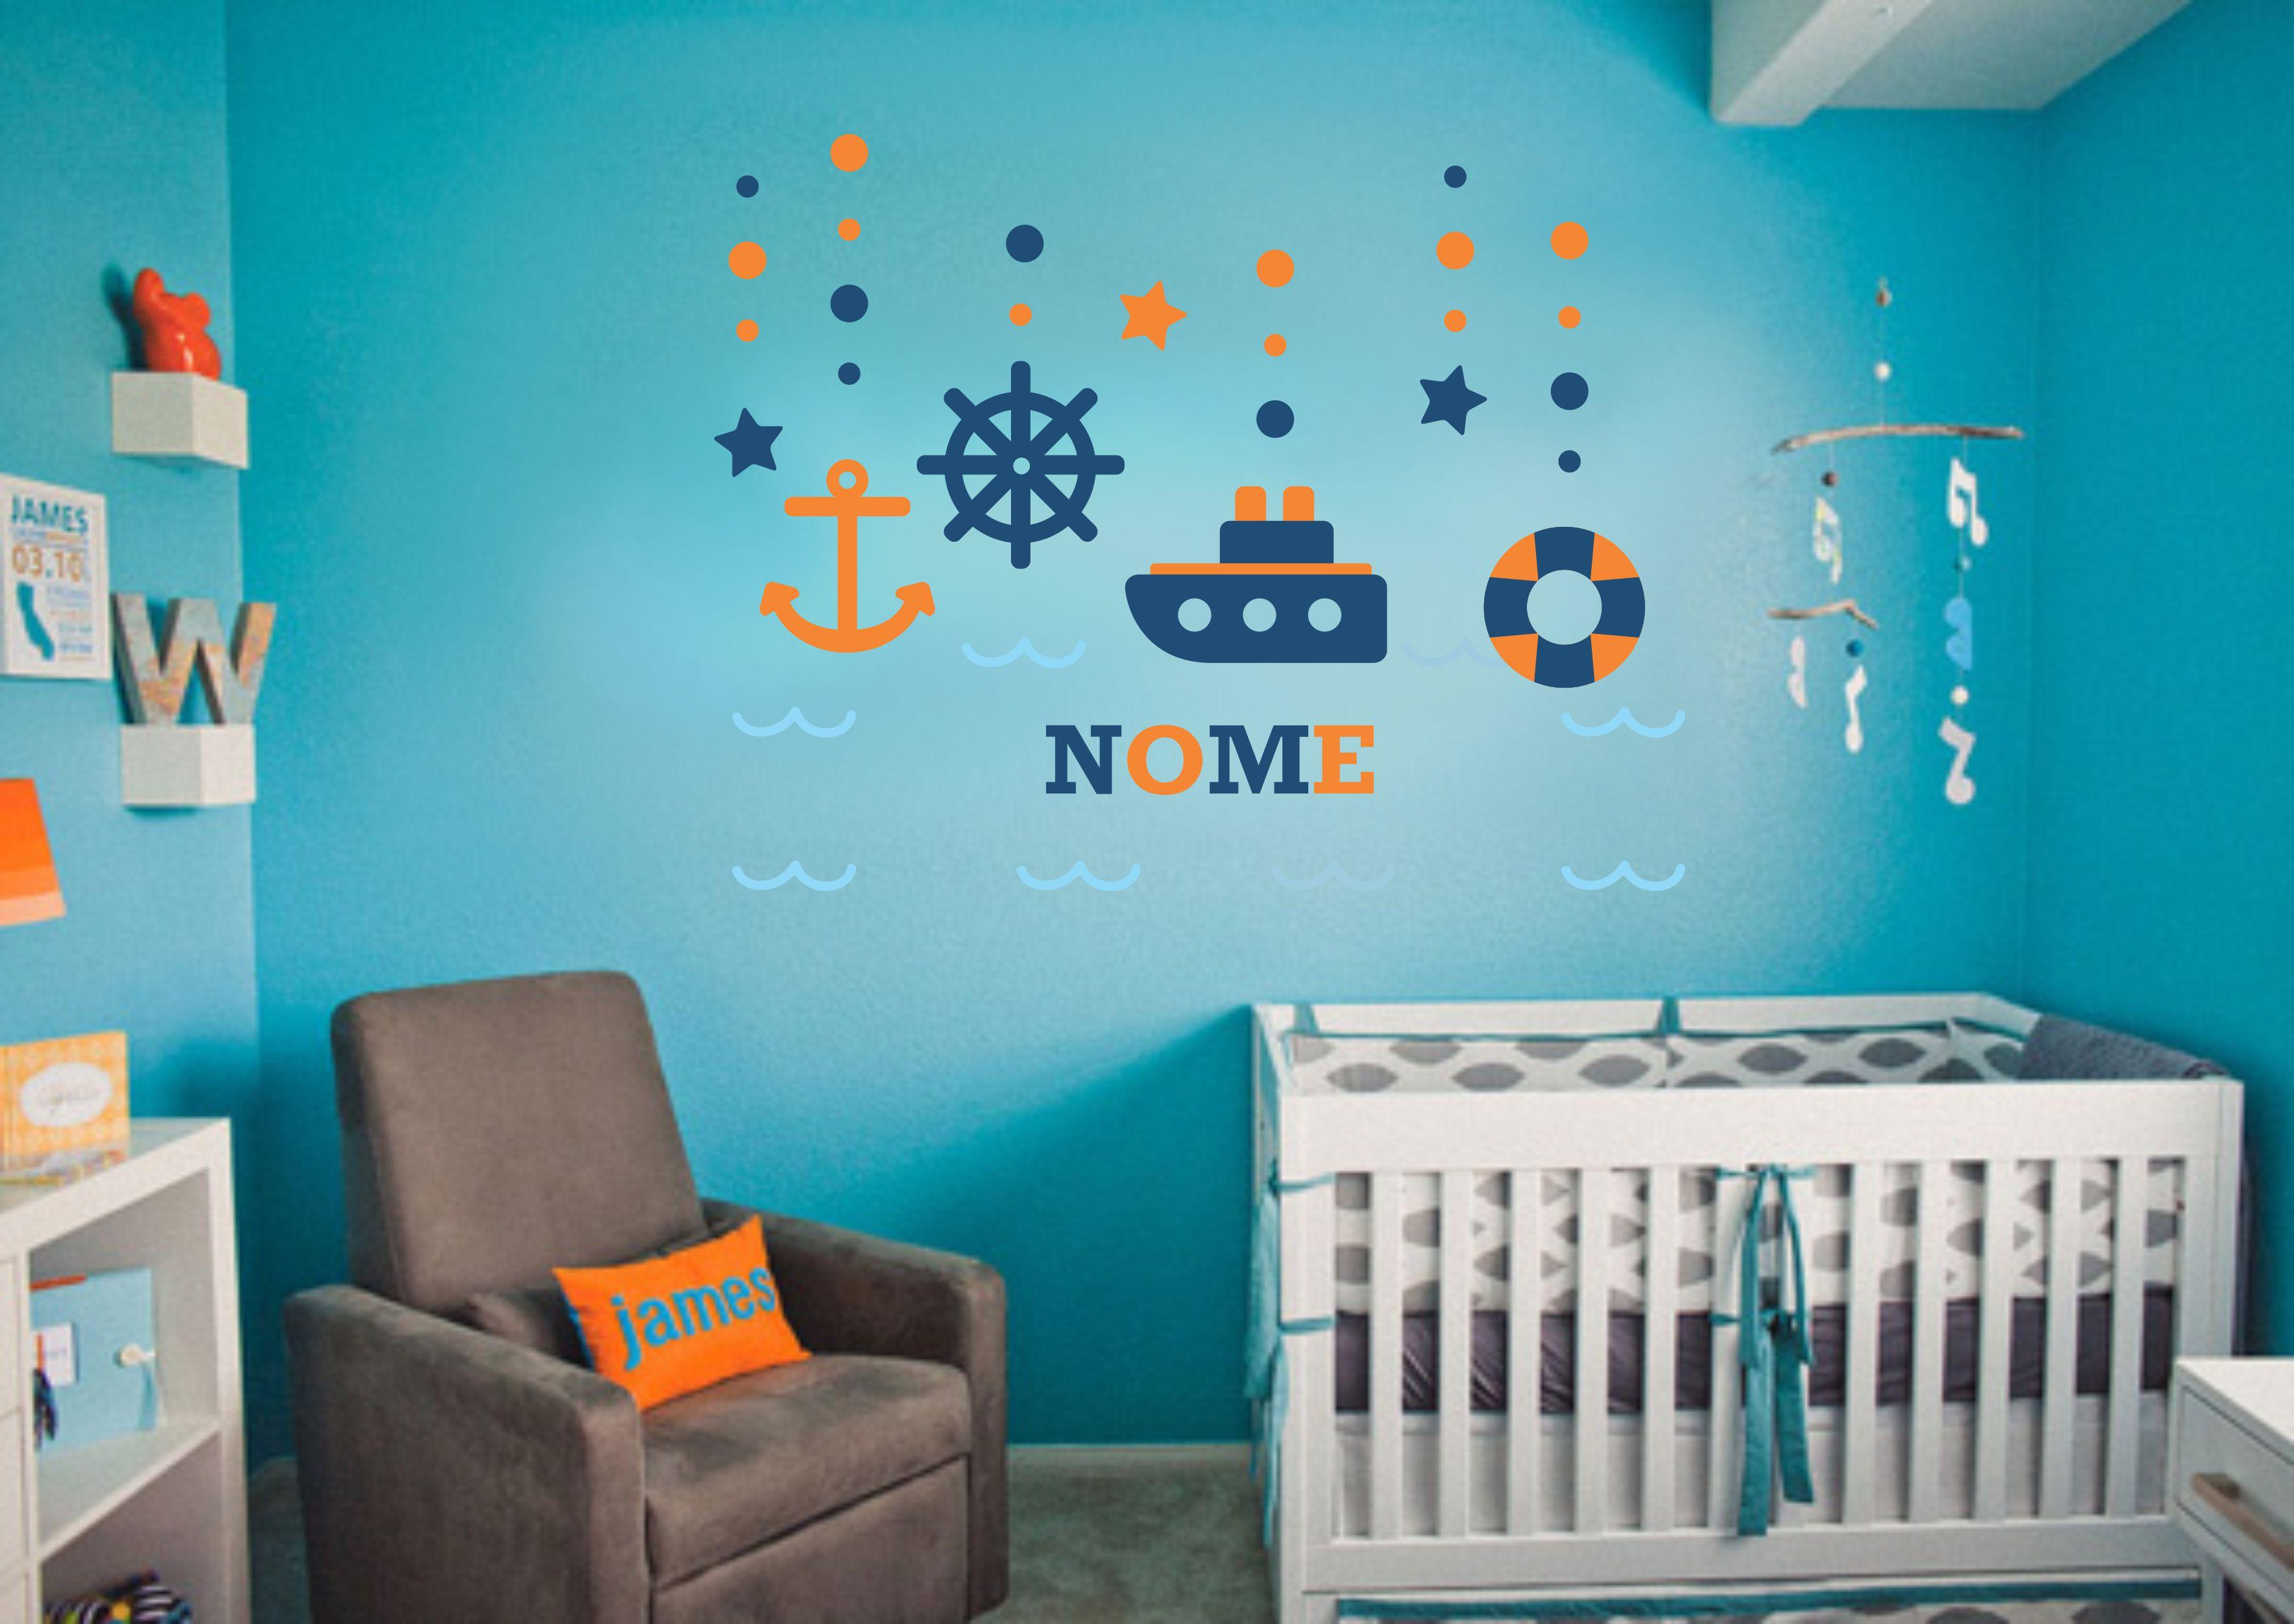 Adesivo Barquinho Nome Personalizado Vistick Adesivos  ~ Adesivos Para Quarto De Bebe Menino